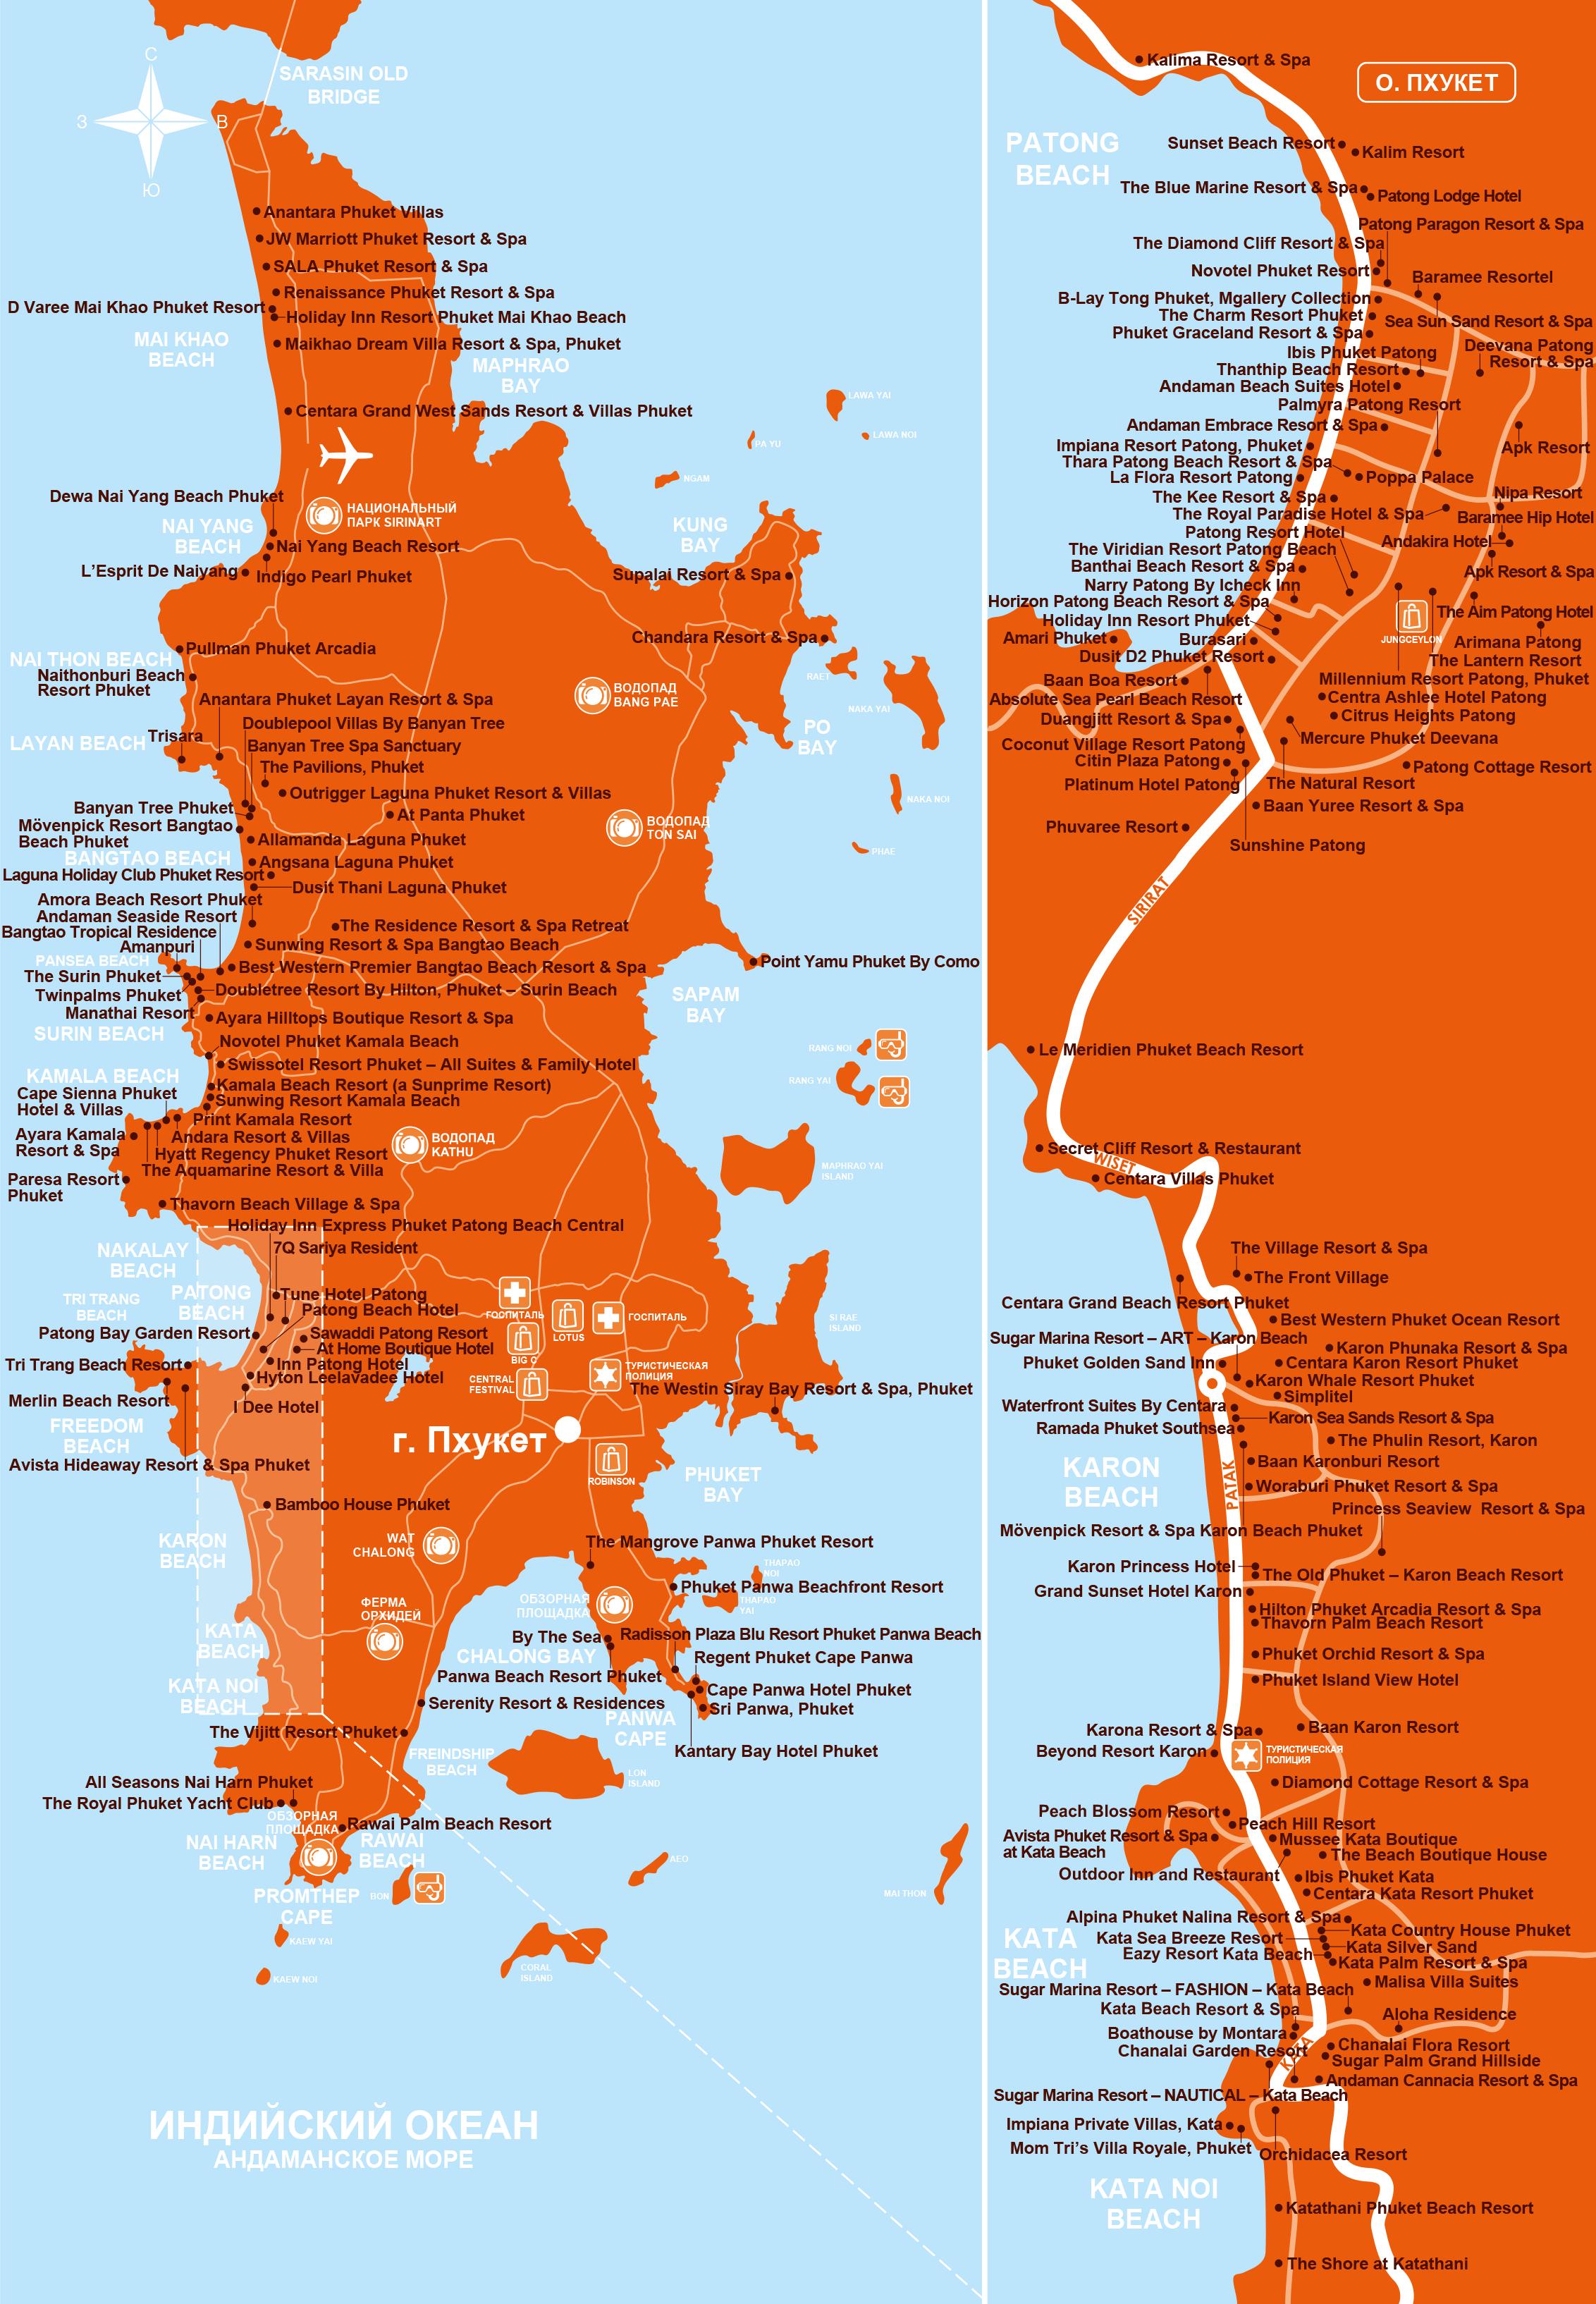 Карта Пхукета с отелями (весь остров, пляжи Патонг, Карон и Ката)